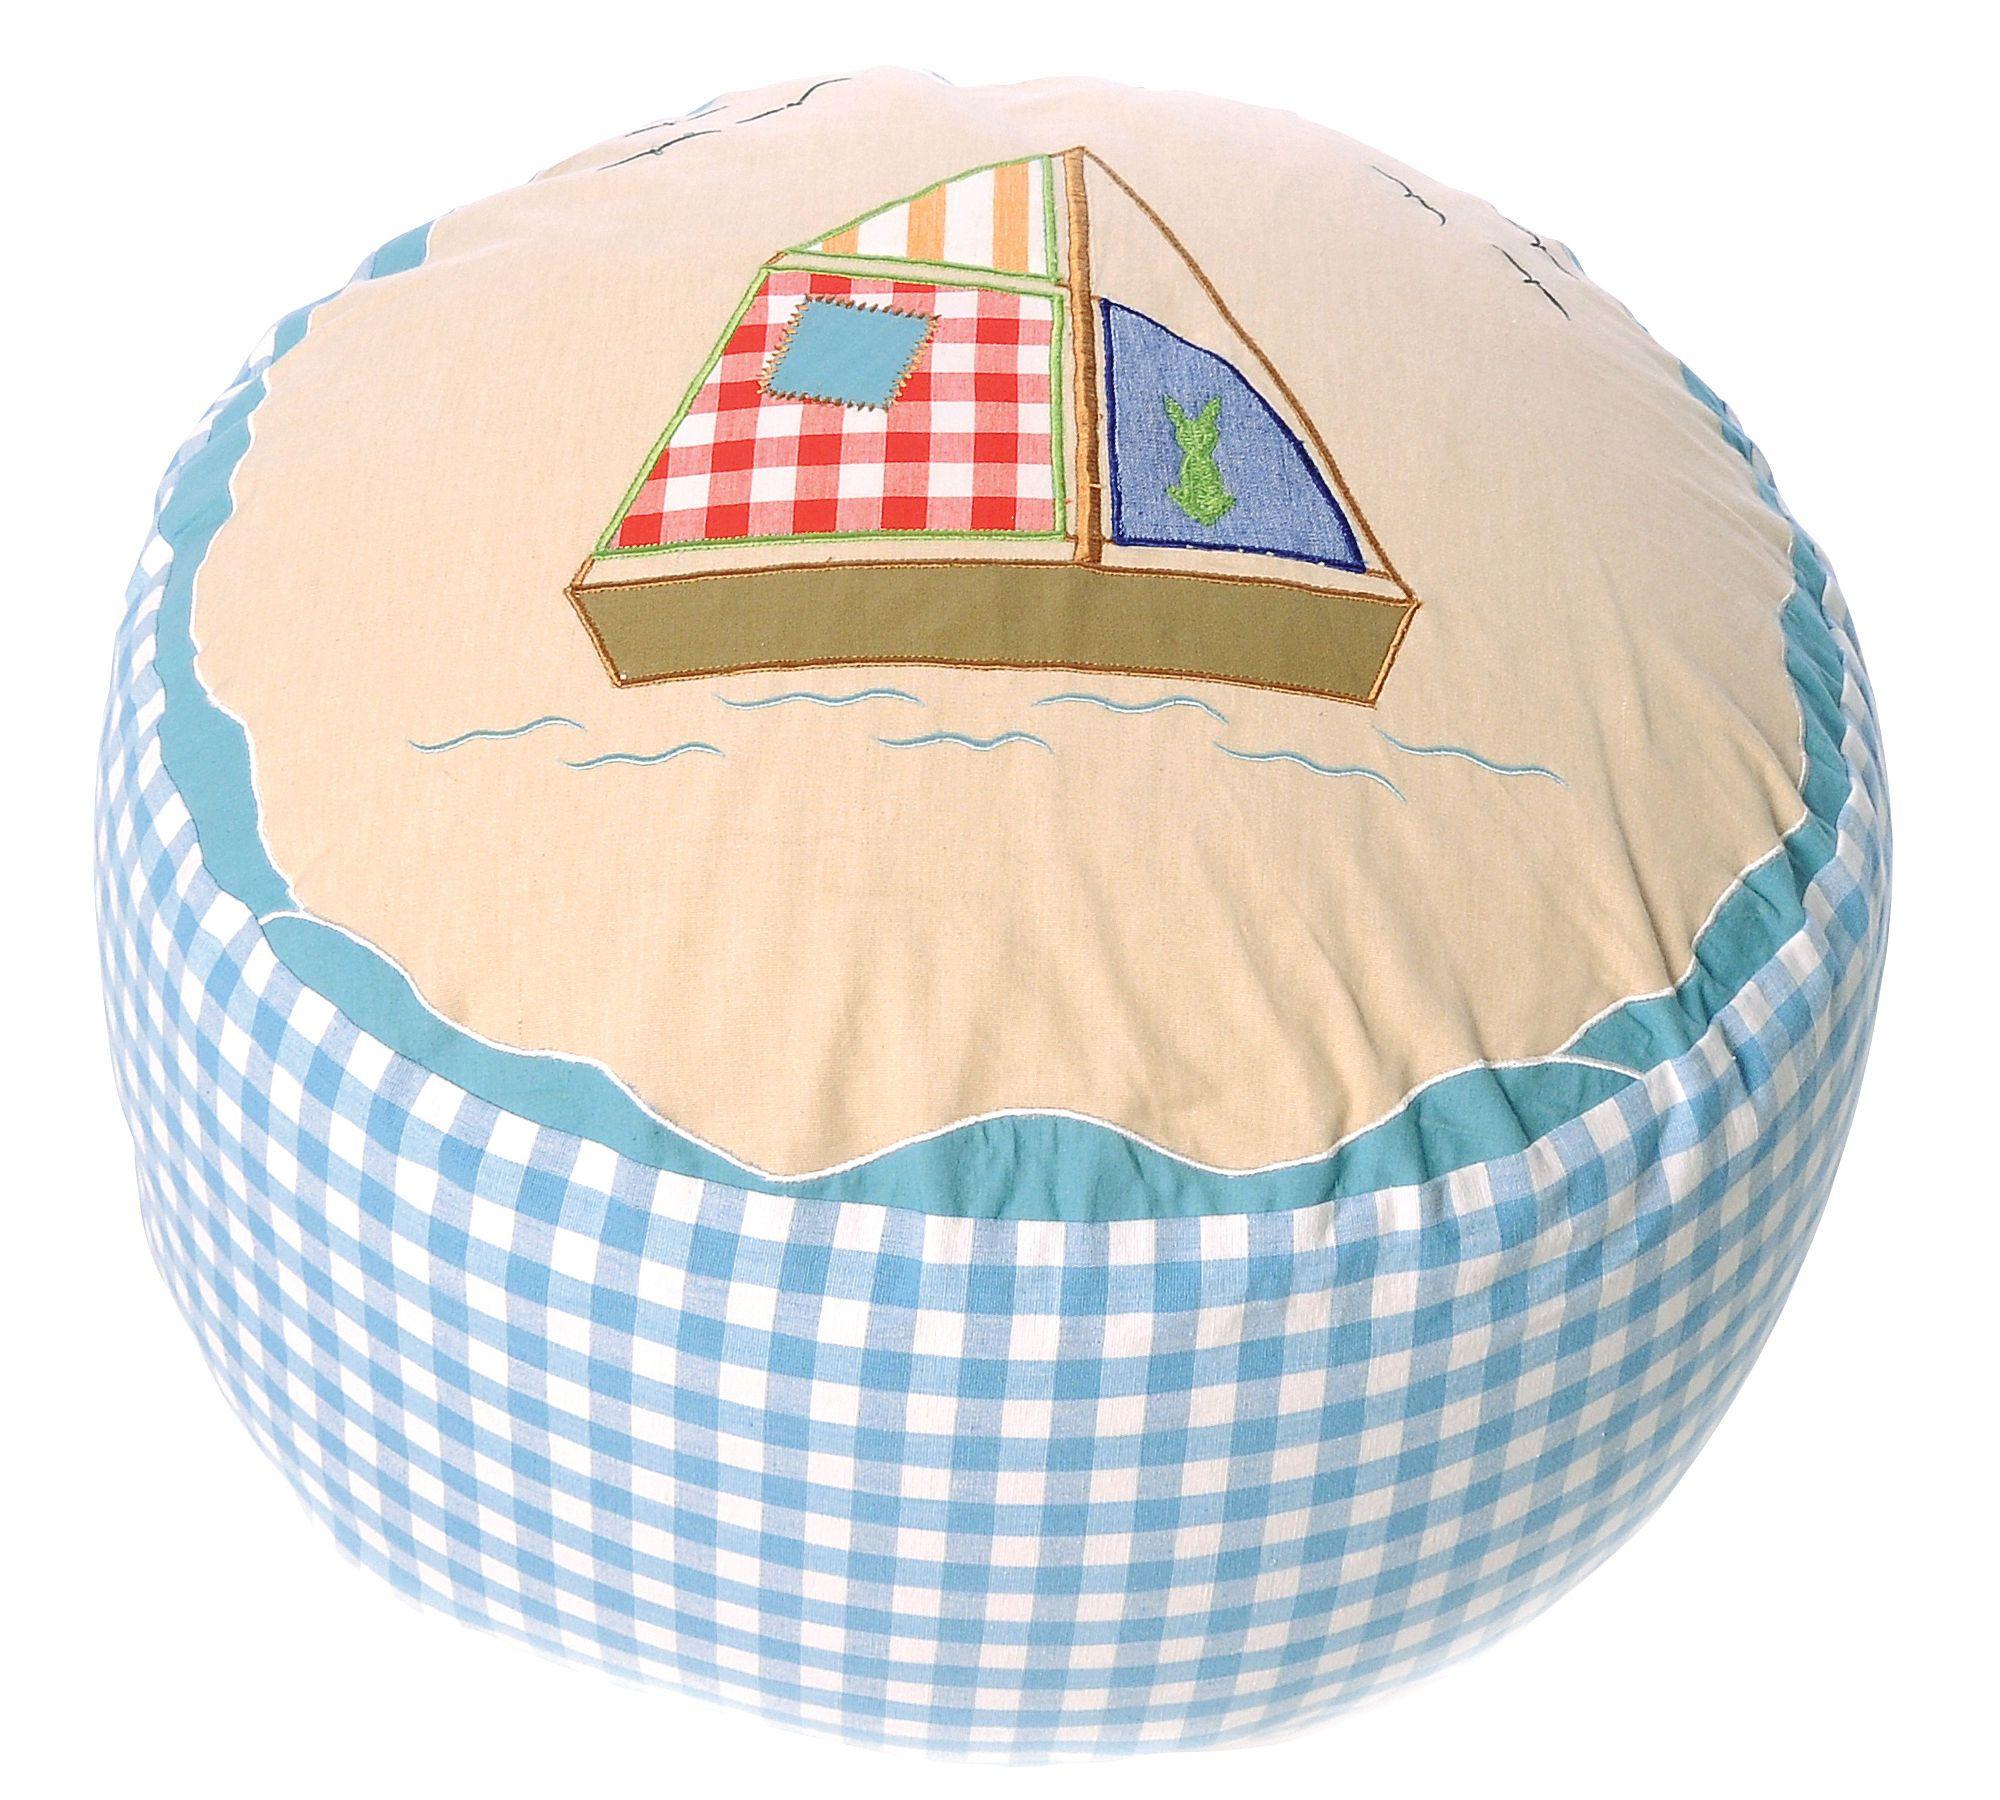 Ideal Boat House Strandhaus Sitzsack von Wingreen Petit Pont Skandinavische M bel u Wohnaccessoires online